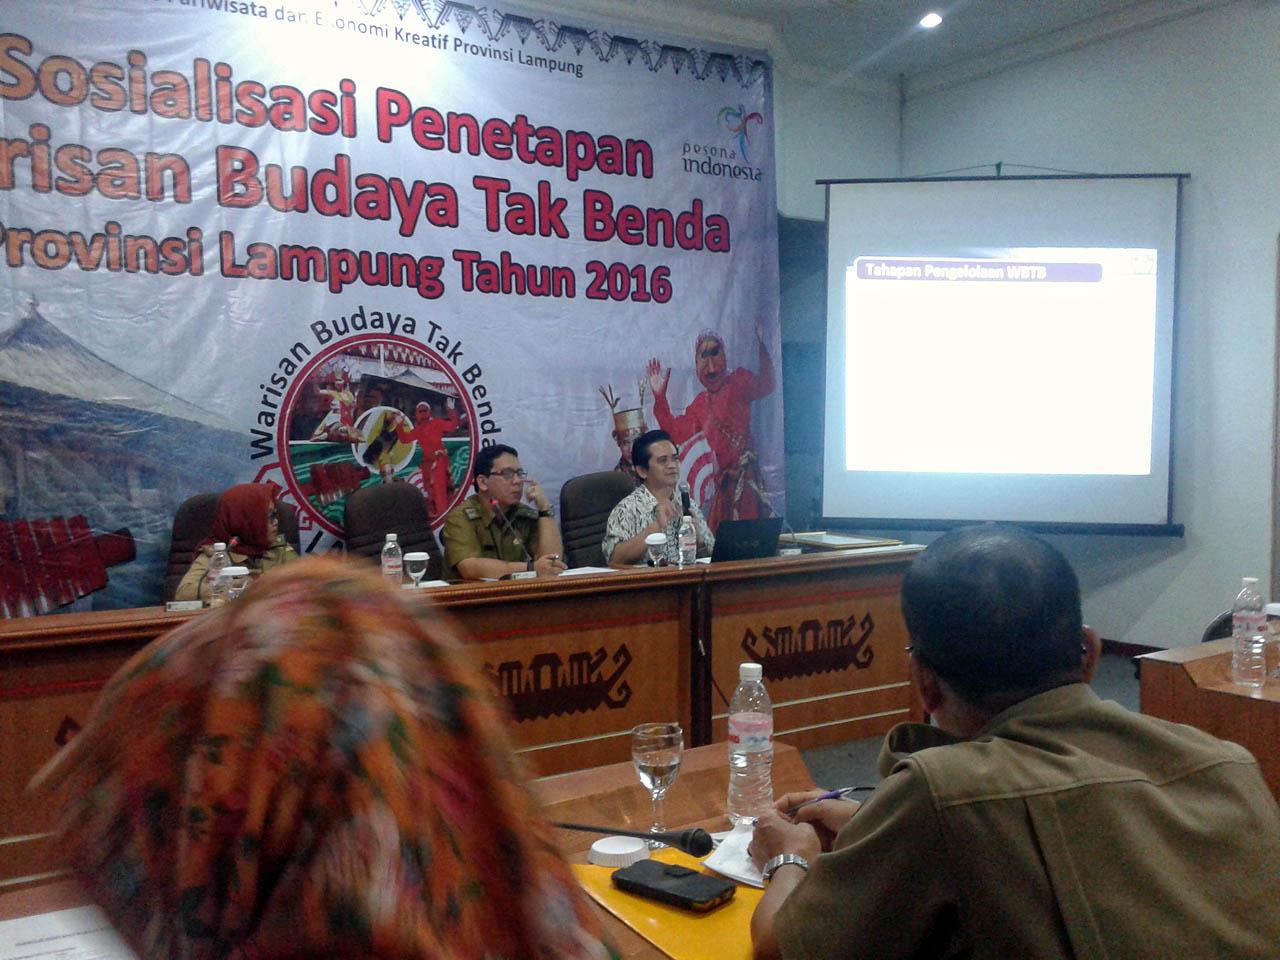 sosialisasi pencatatan Warisan Budaya Tak Benda Lampung 2016 - Yopie Pangkey